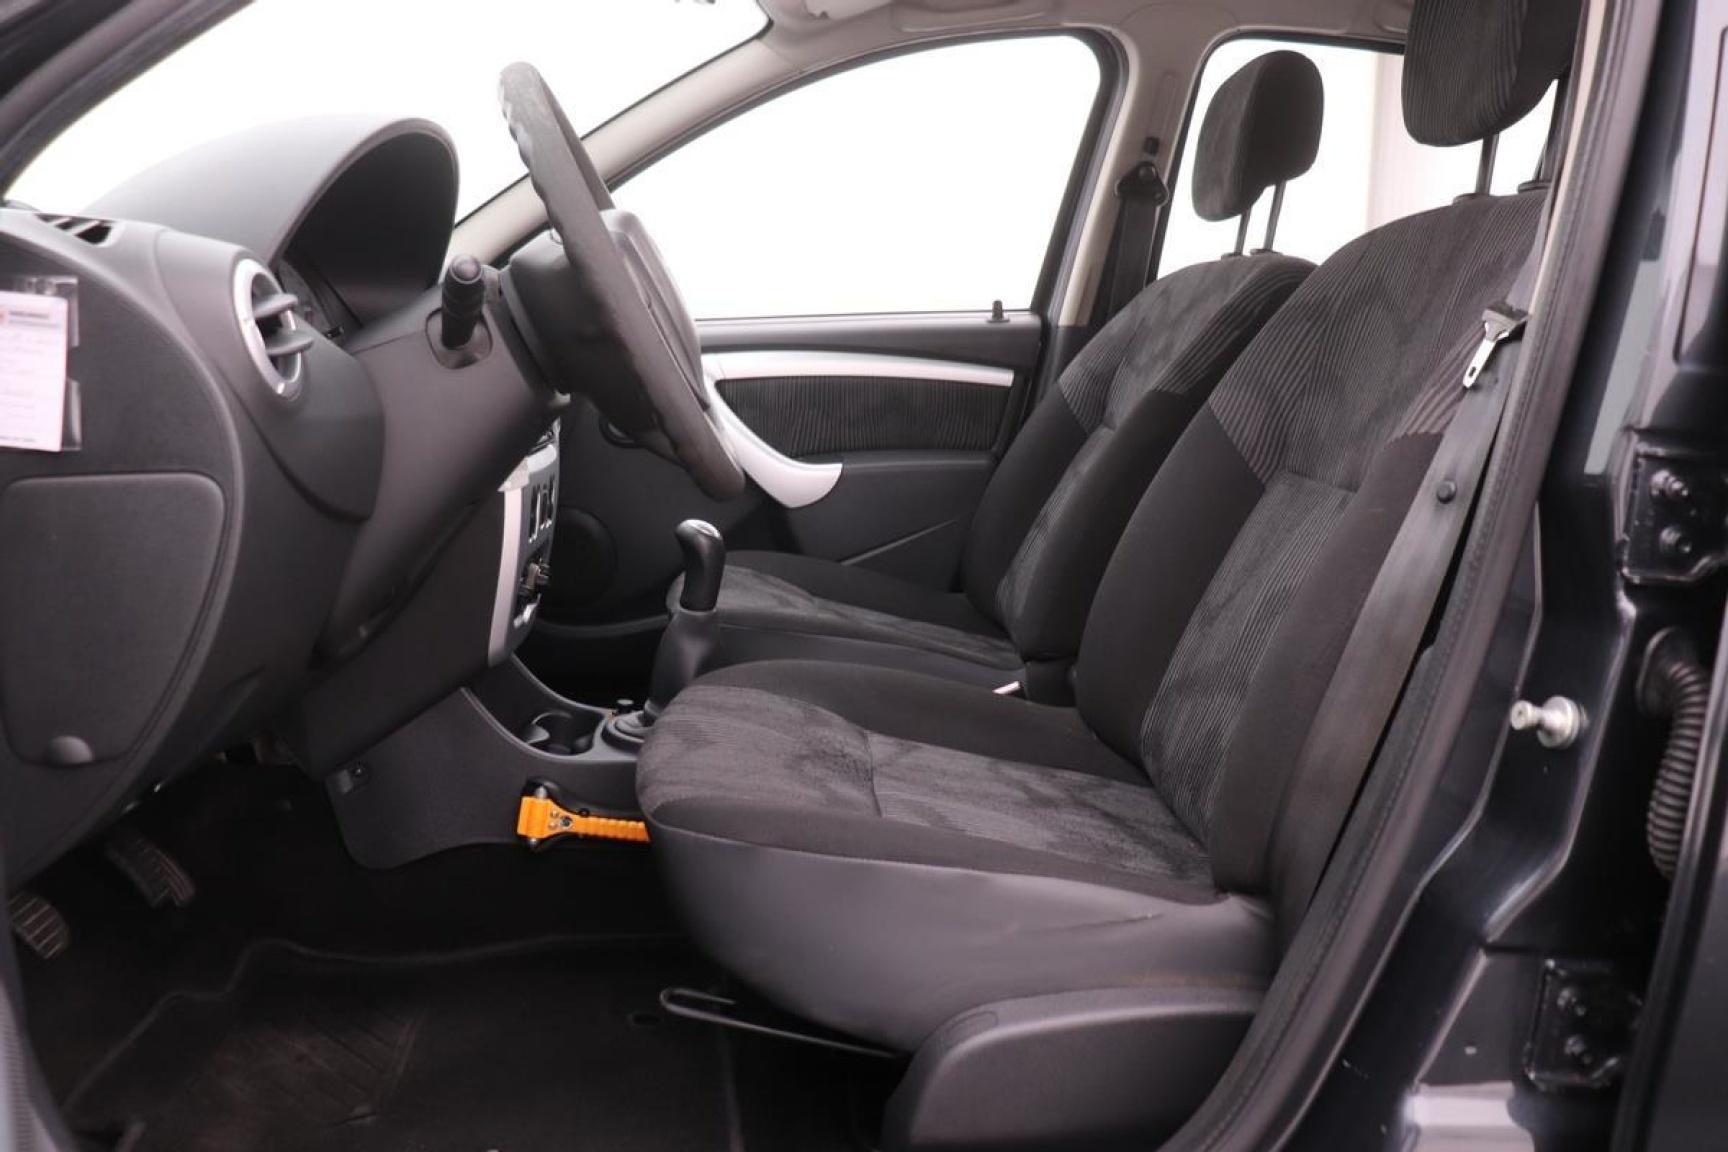 Dacia-Sandero-10